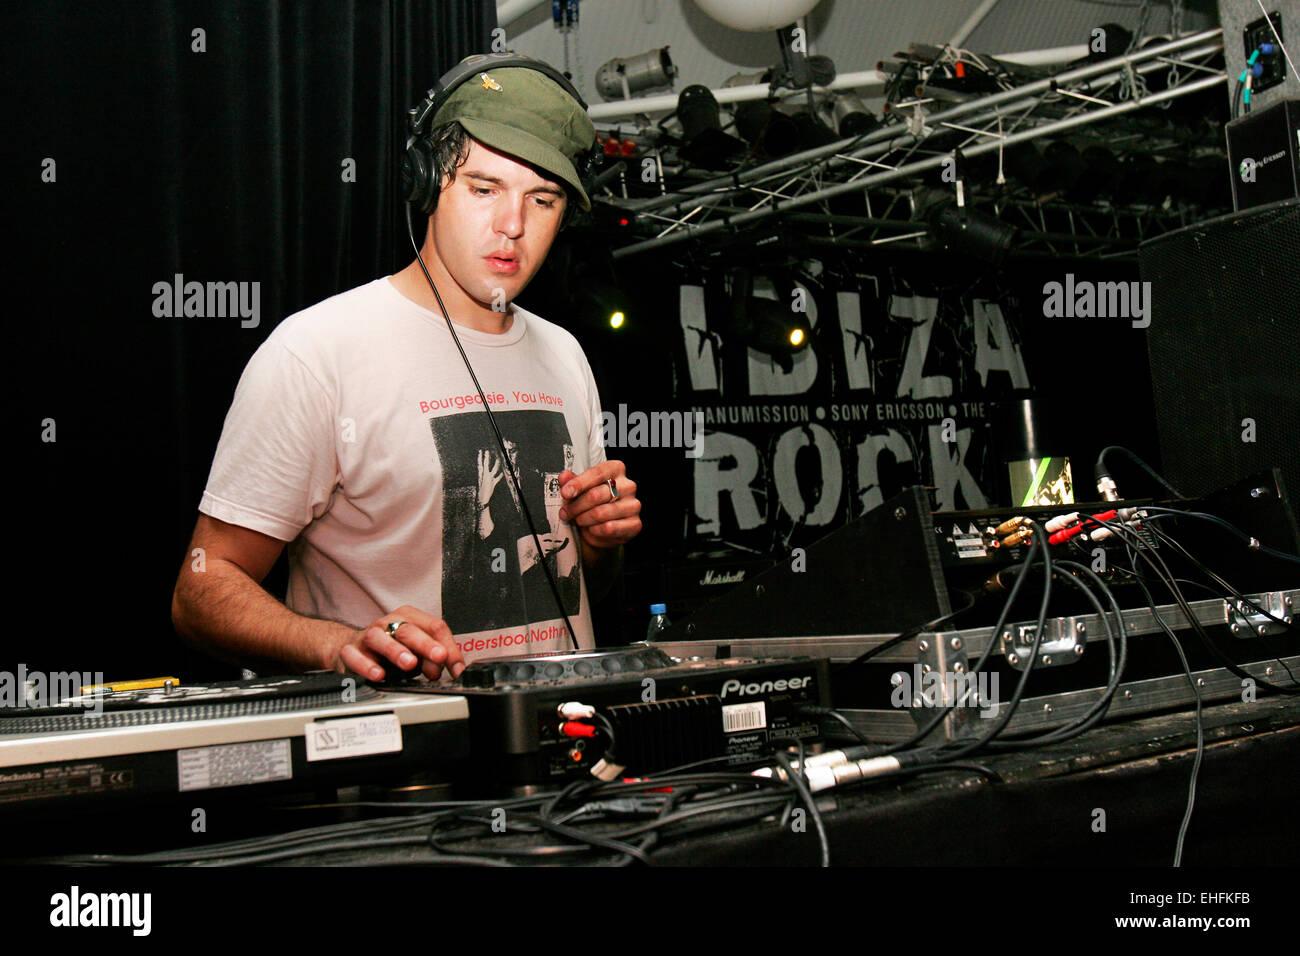 Paul Epworth DJing at Ibiza Rocks at Manumission in Ibiza. - Stock Image